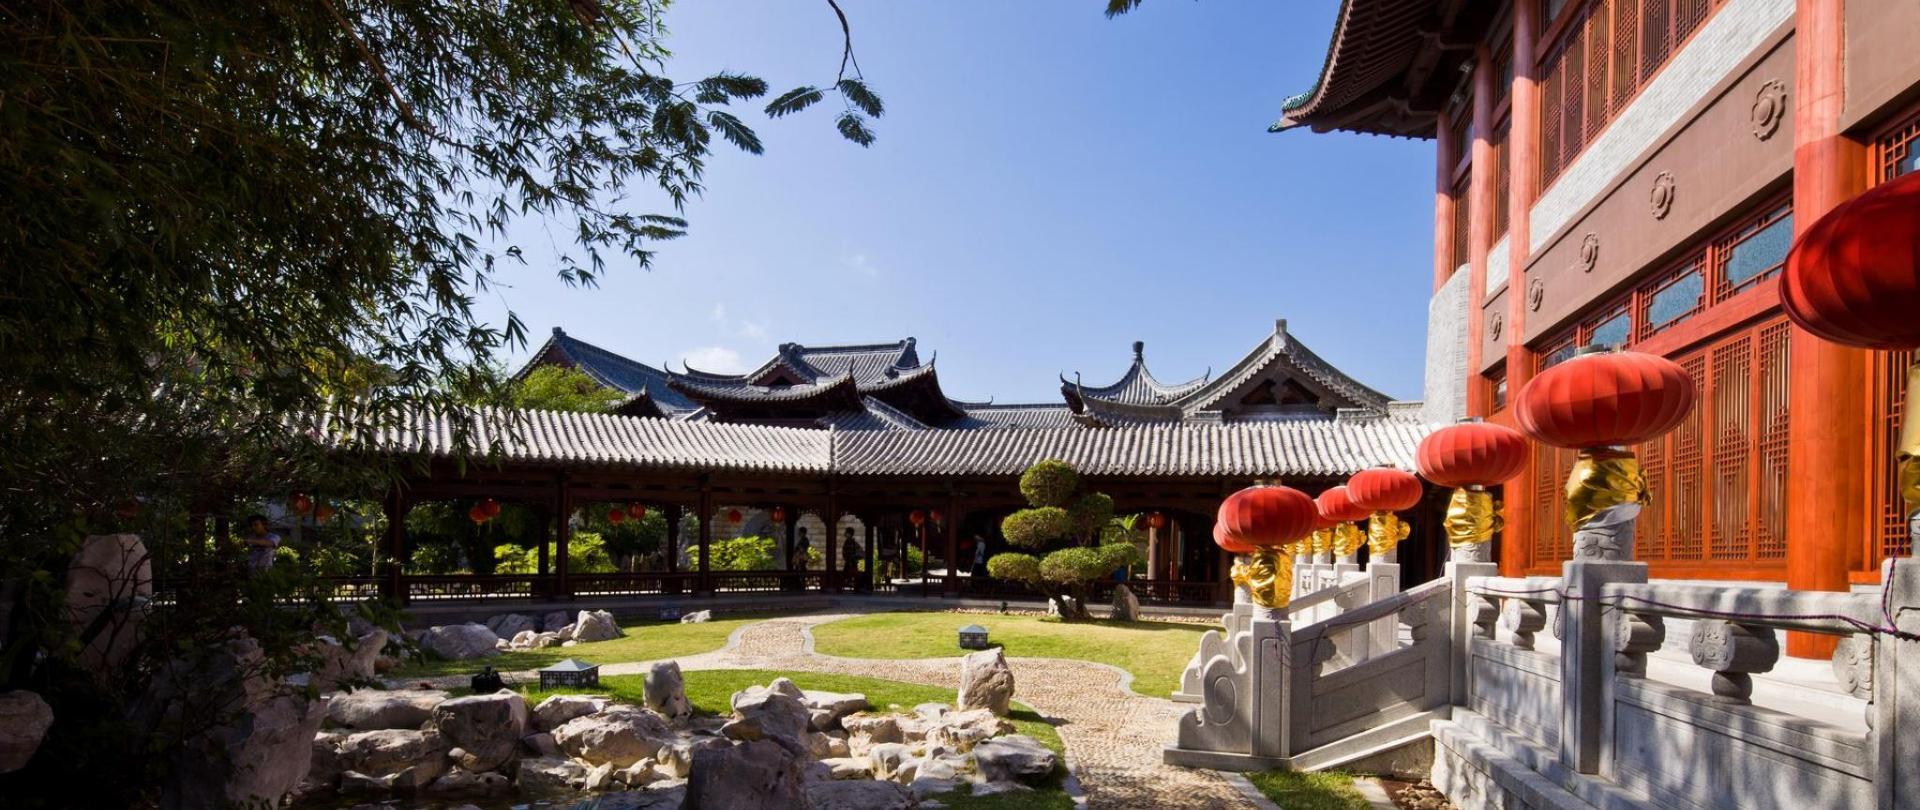 1 三亚亚龙湾华宇度假酒店-园林景观 6.jpg